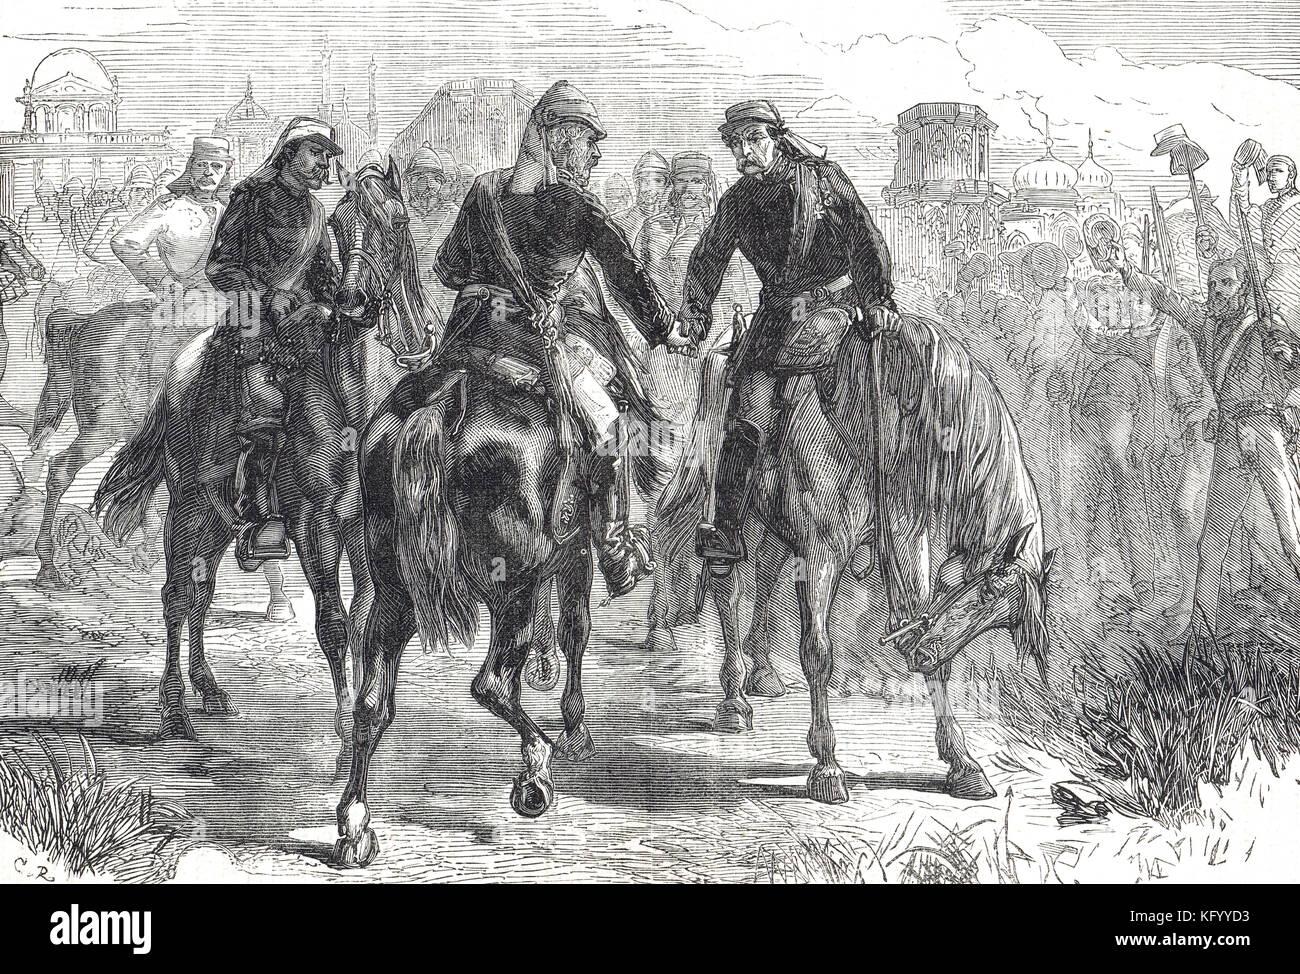 Reunión de los generales, sir Henry havelock,sir James outram, Sir Colin Campbell, primera relevación de Lucknow, la rebelión india de 1857 Foto de stock